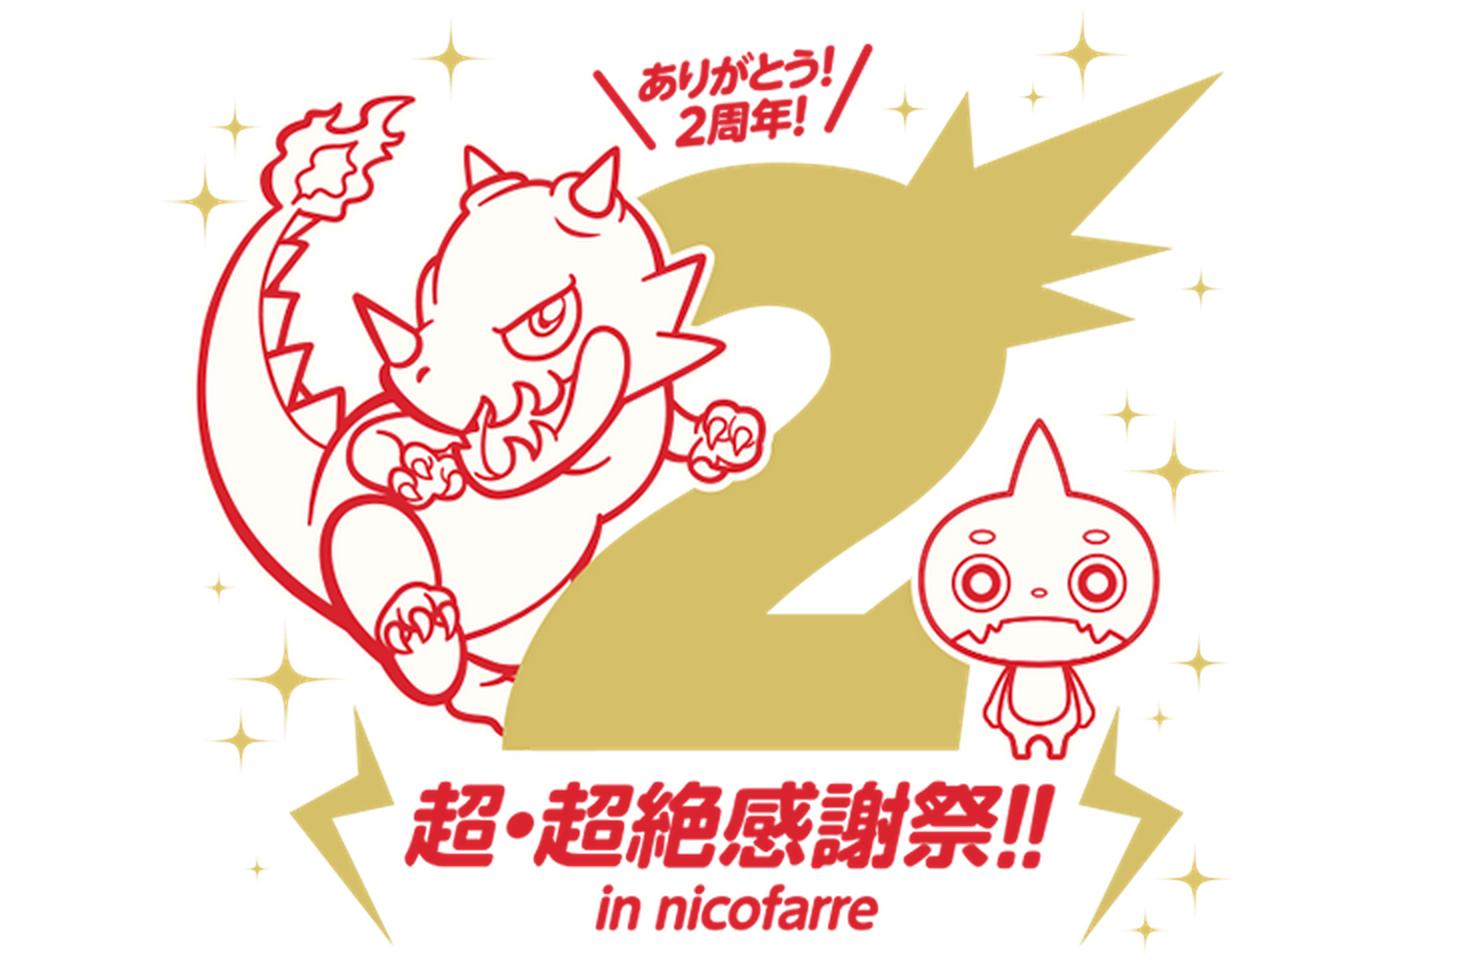 【モンスト】超・超絶感謝祭の発表まとめ!獣神化が追加される!